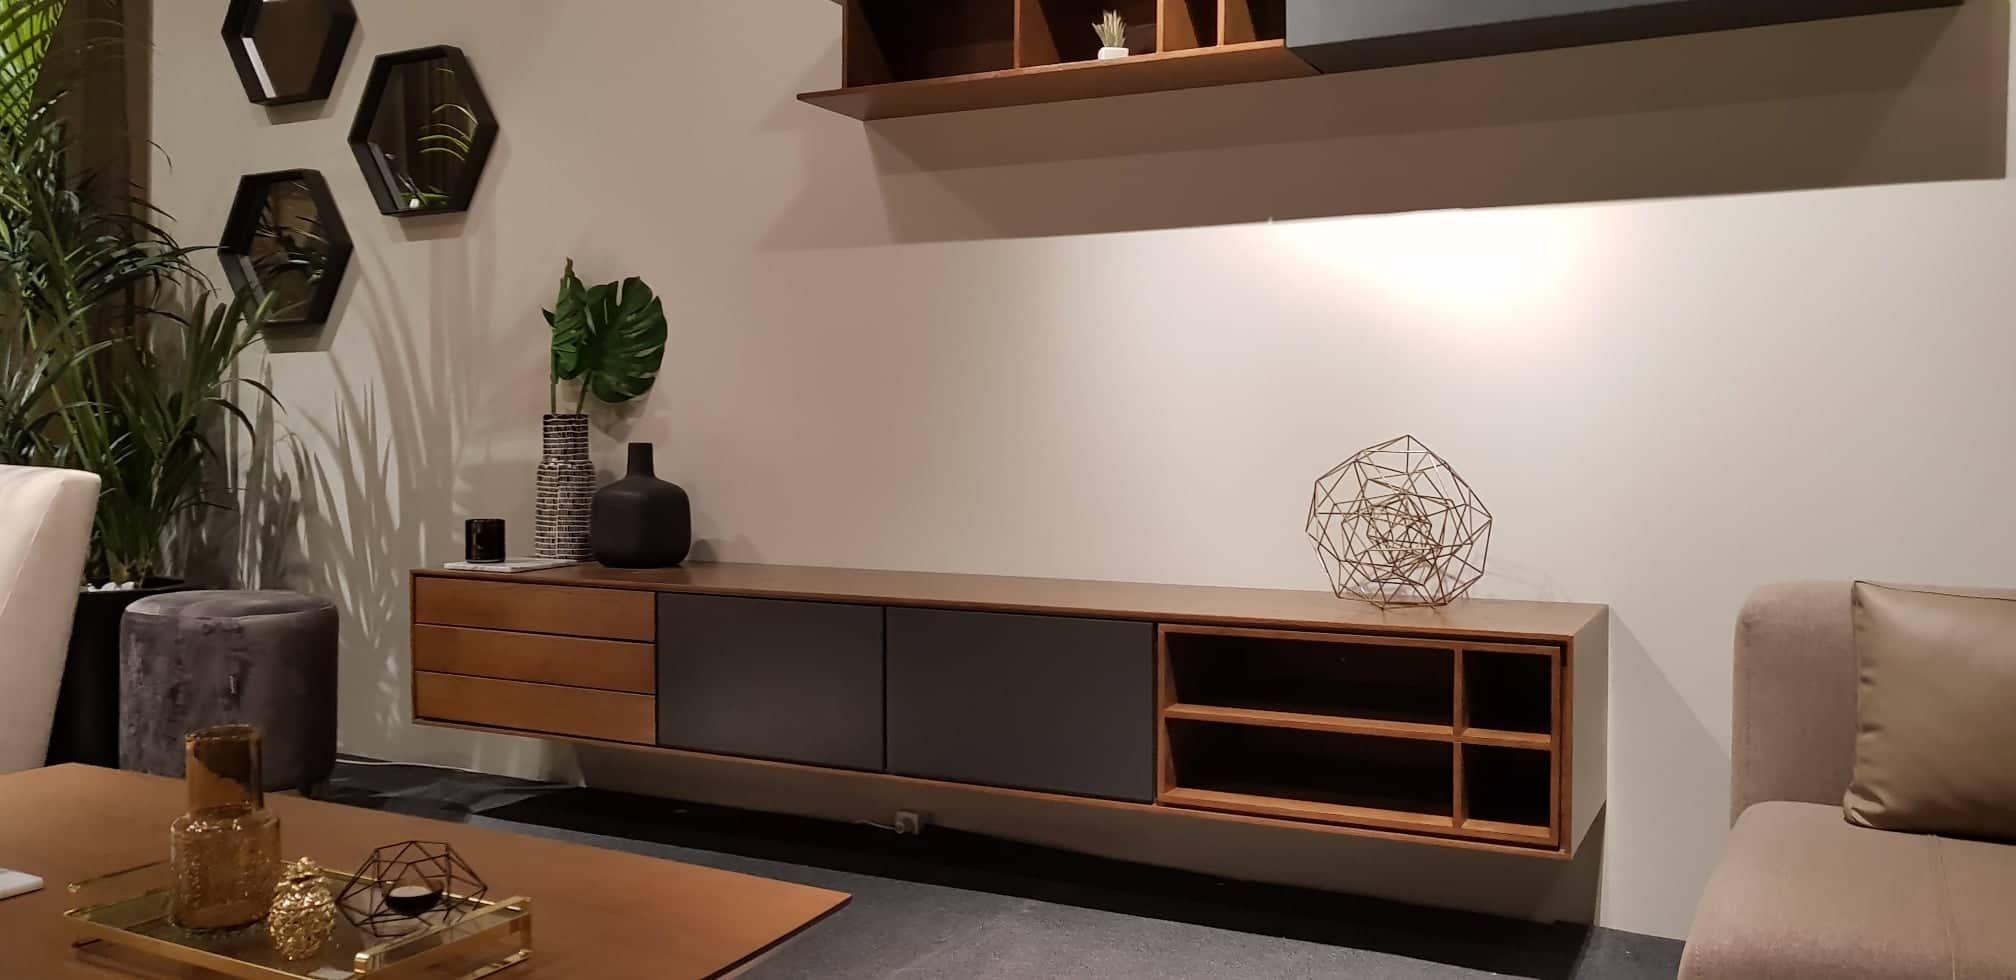 Epingle Par Karray Furniture Sur Foire Du Meubles Kram 2019 En 2020 Mobilier De Salon